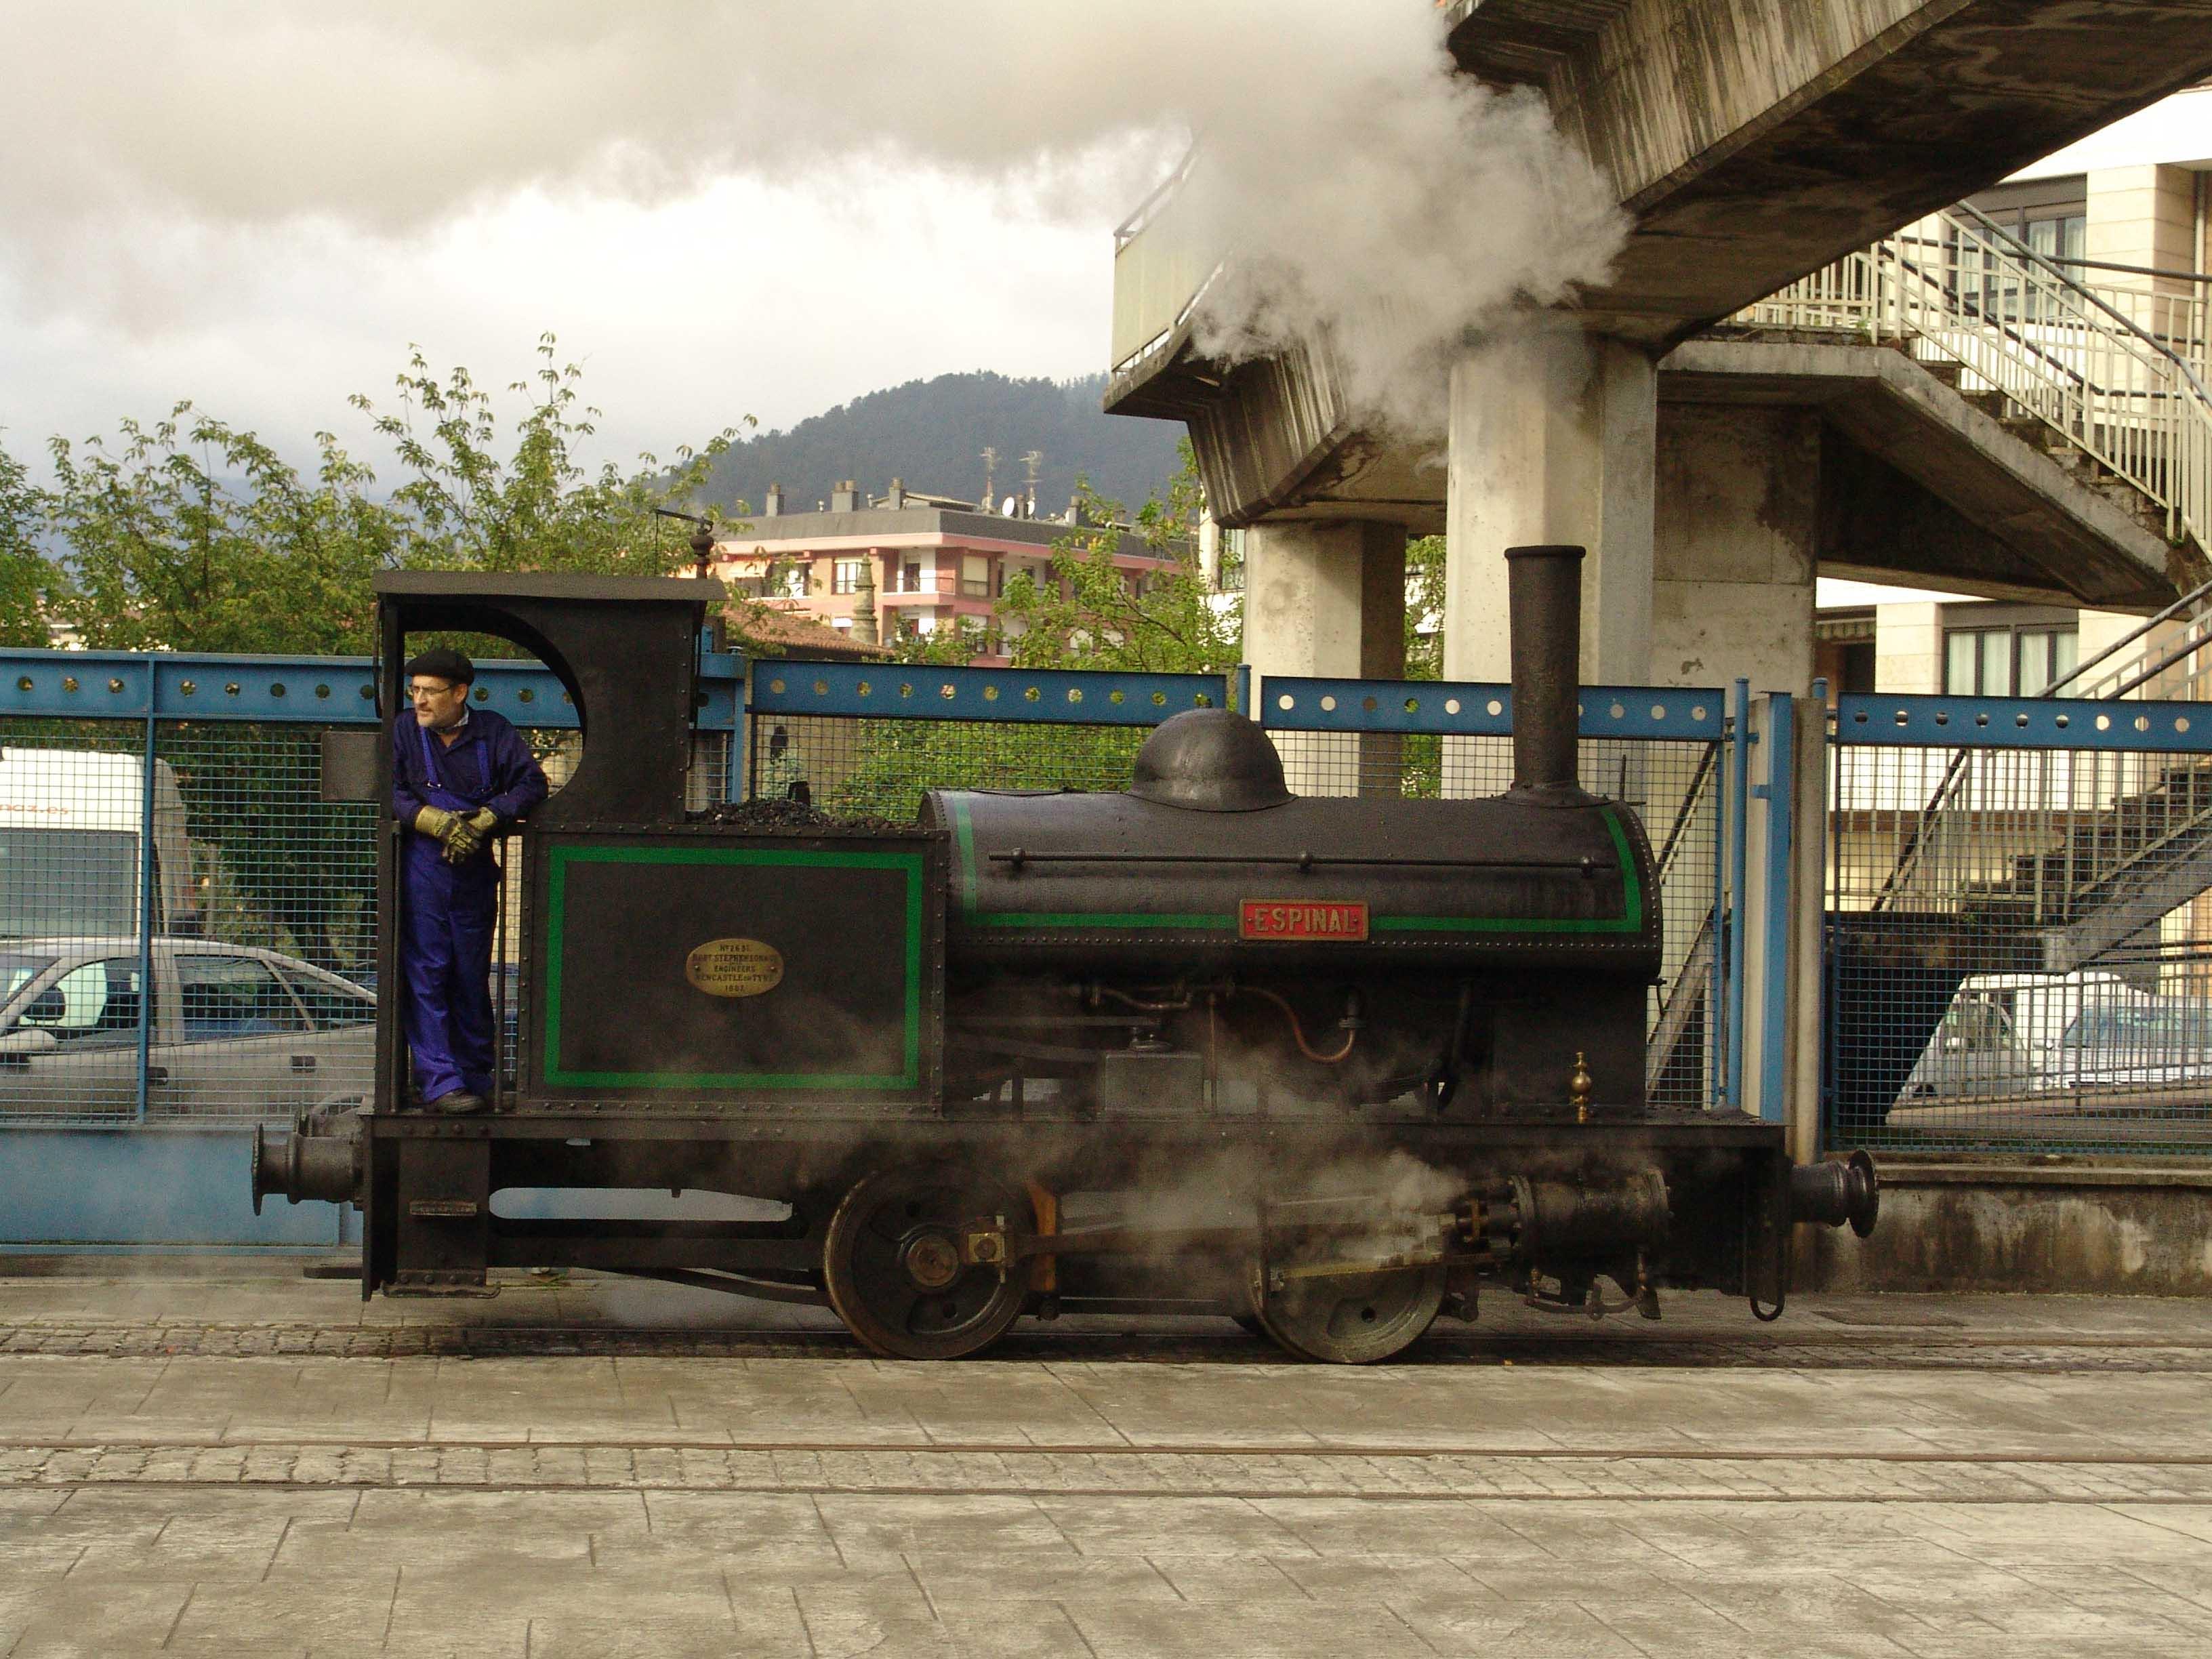 Locomotora de vapor Espinal